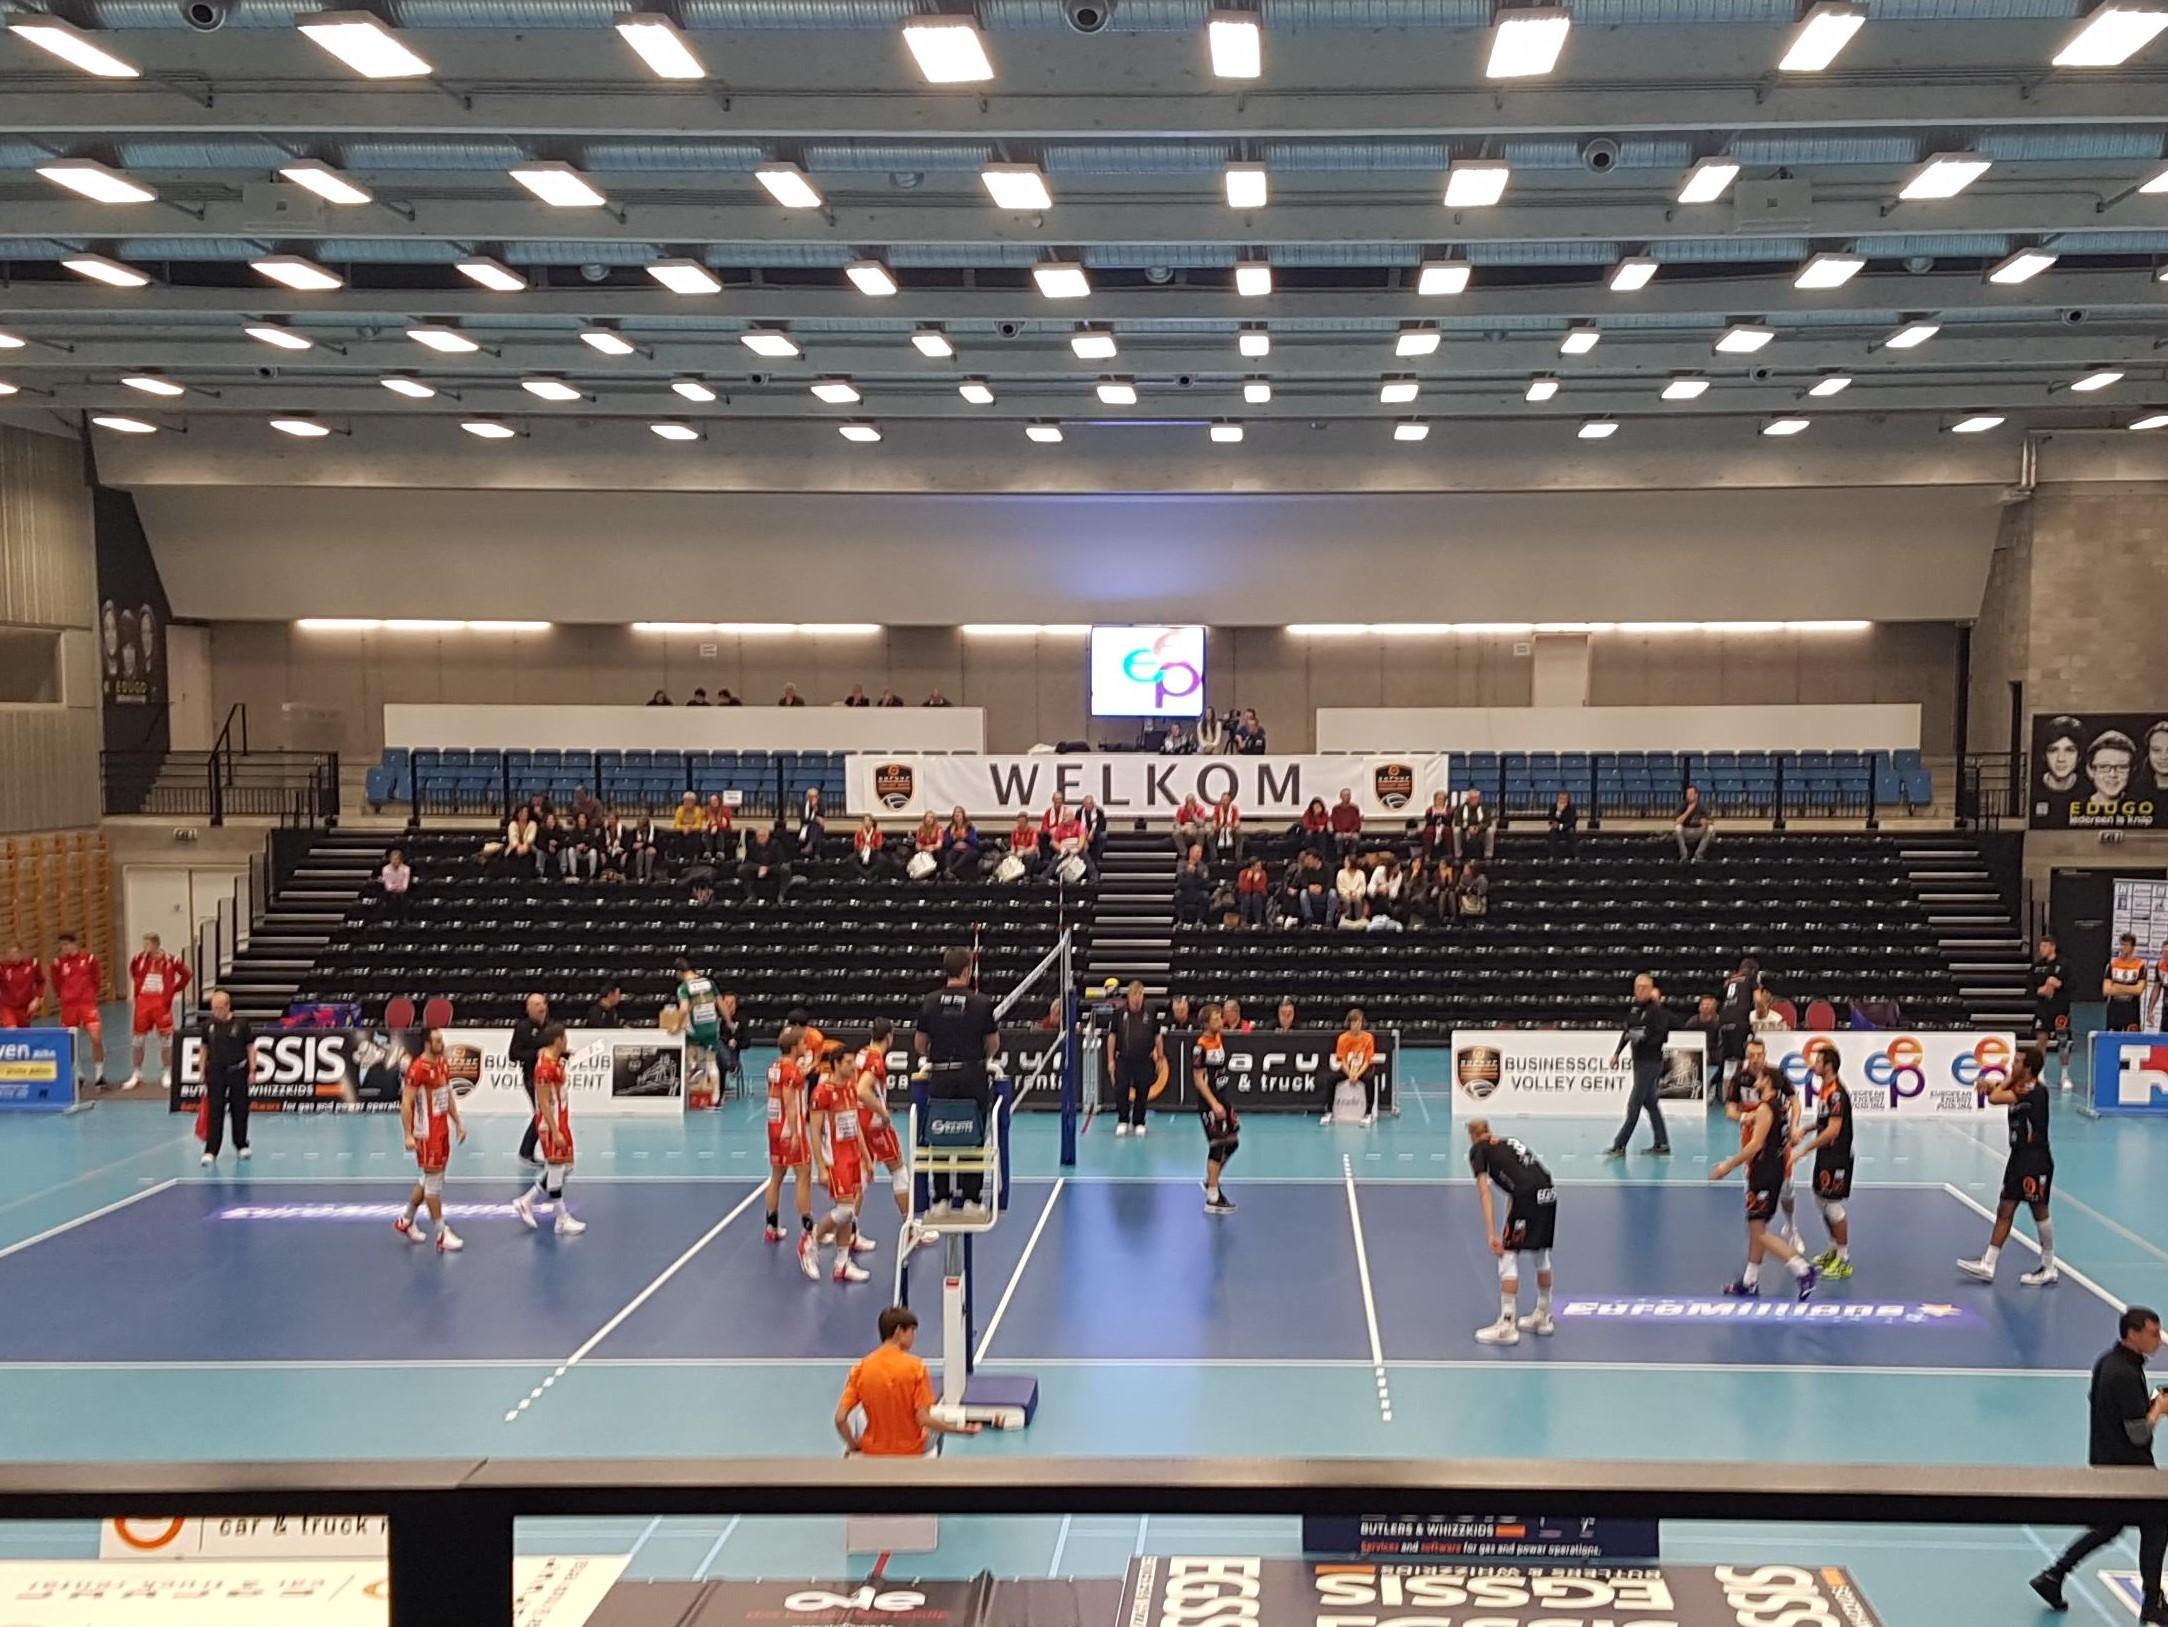 Volleybalmatch Reinaert Gebruikersdag